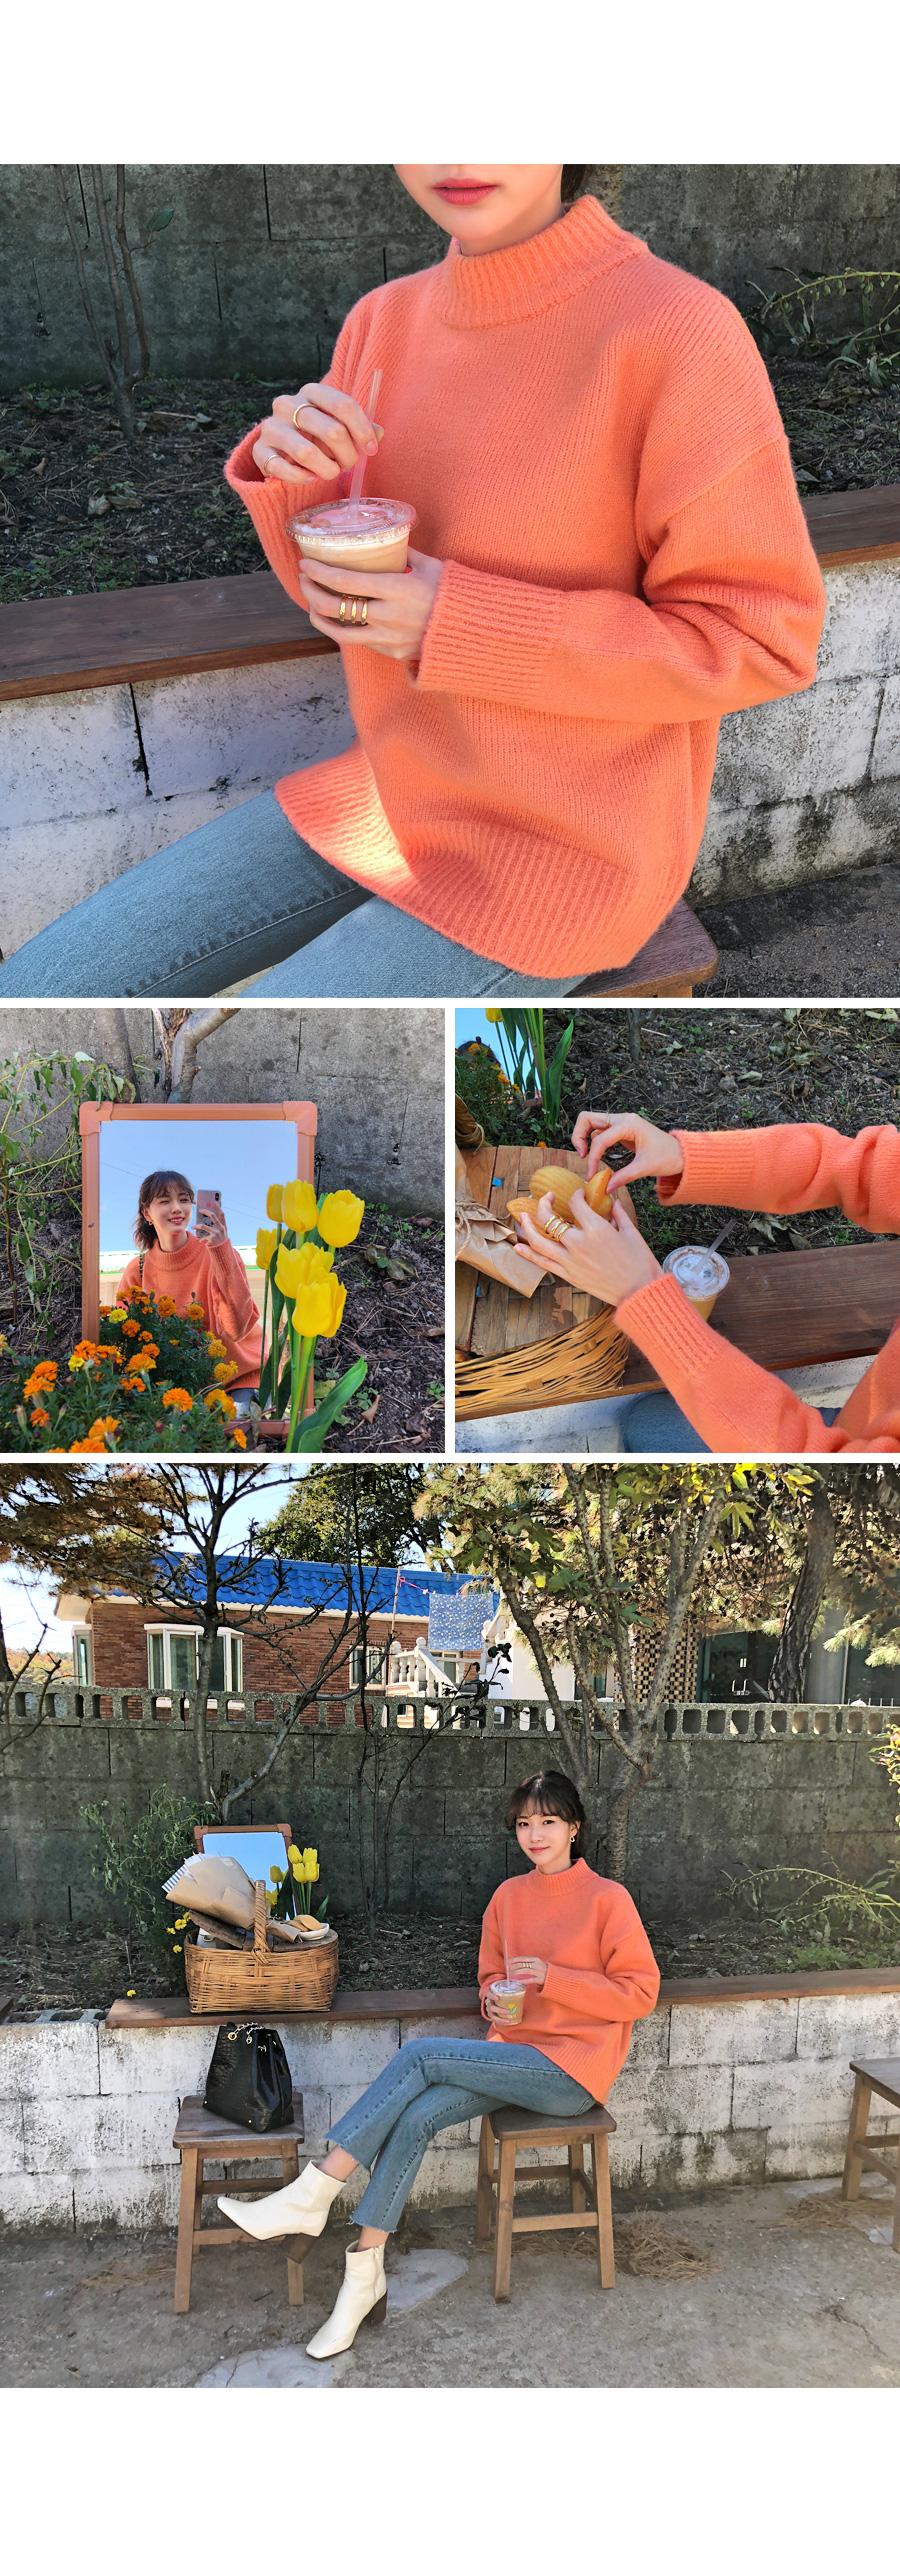 181115 kyntj 01 06 - 「韓国通販サイトイムブリー」で注文した綺麗色ニットが届きました!